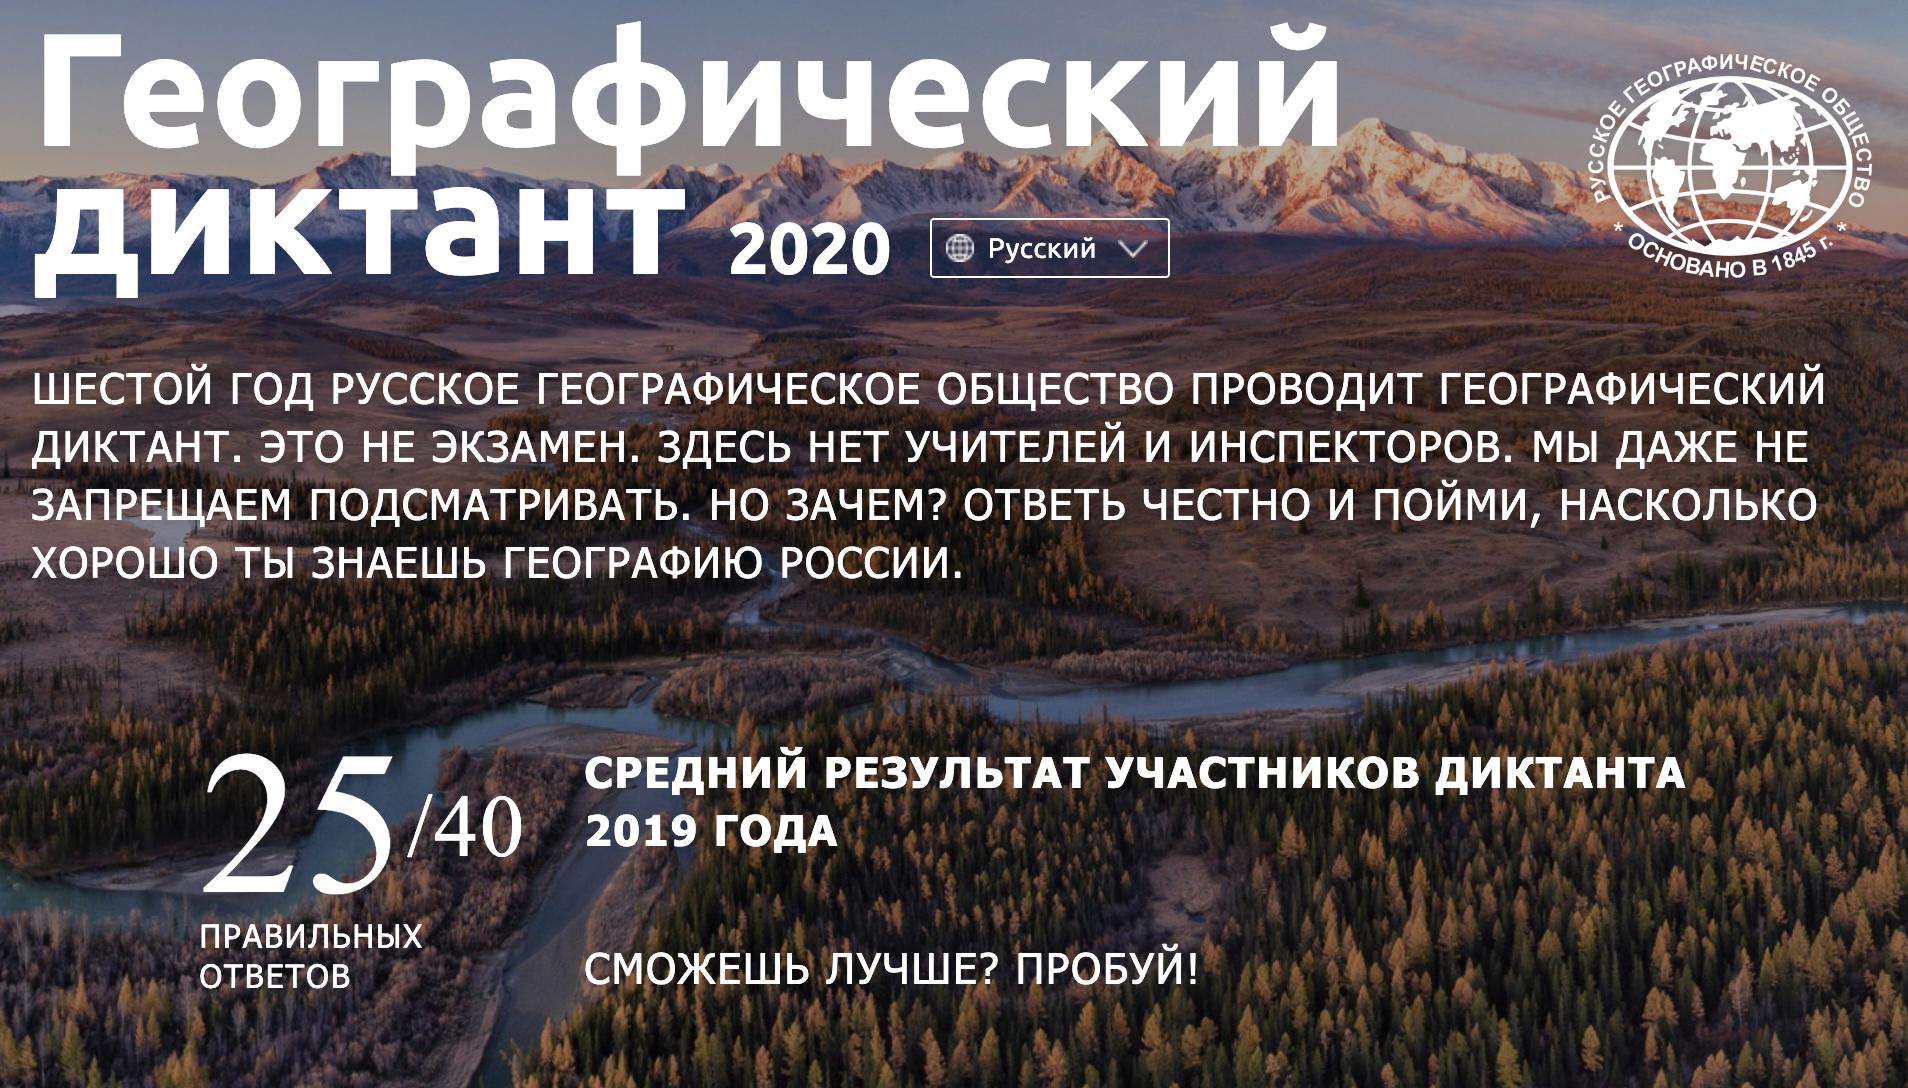 Географический диктант онлайн 2020